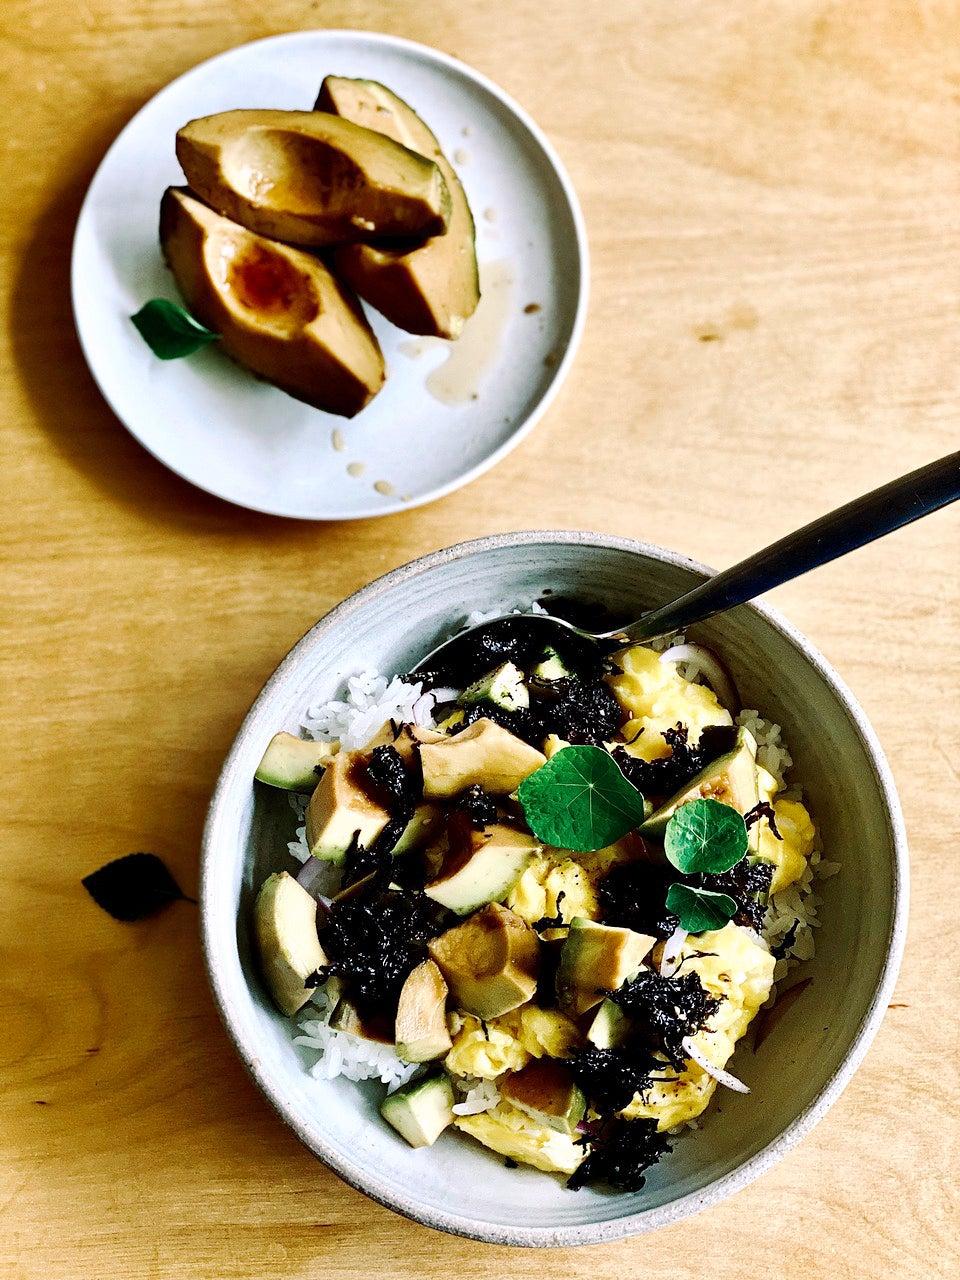 avocado and egg bowl